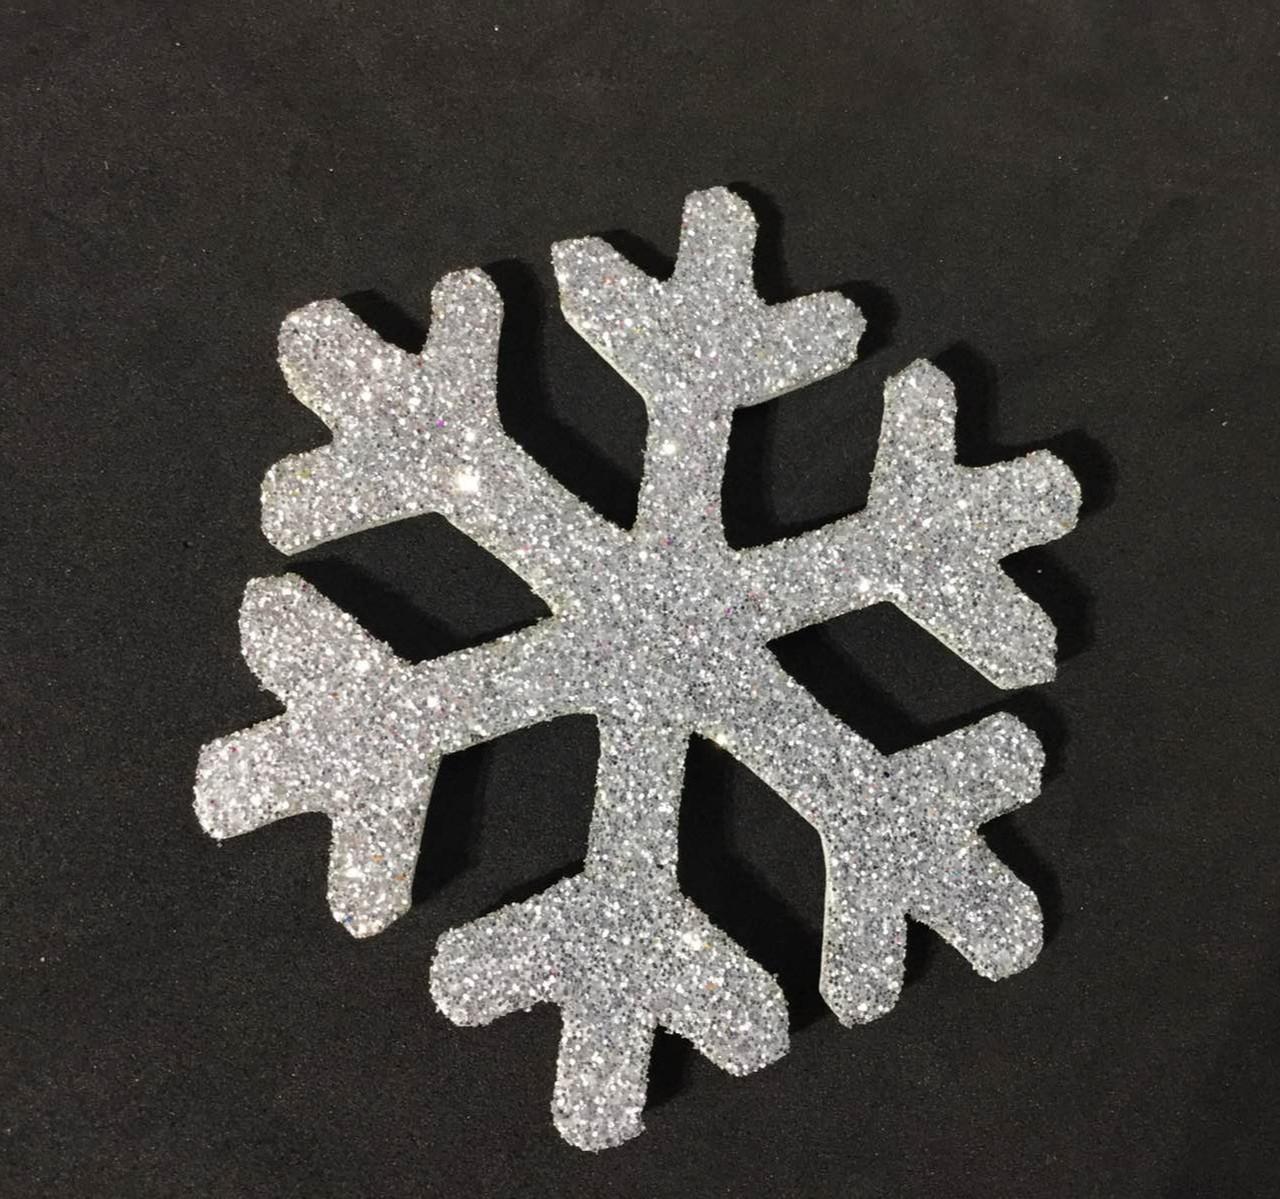 Снежинки из фоамирана, БЕЛАЯ, 7 см в диаметре, набор 10 шт